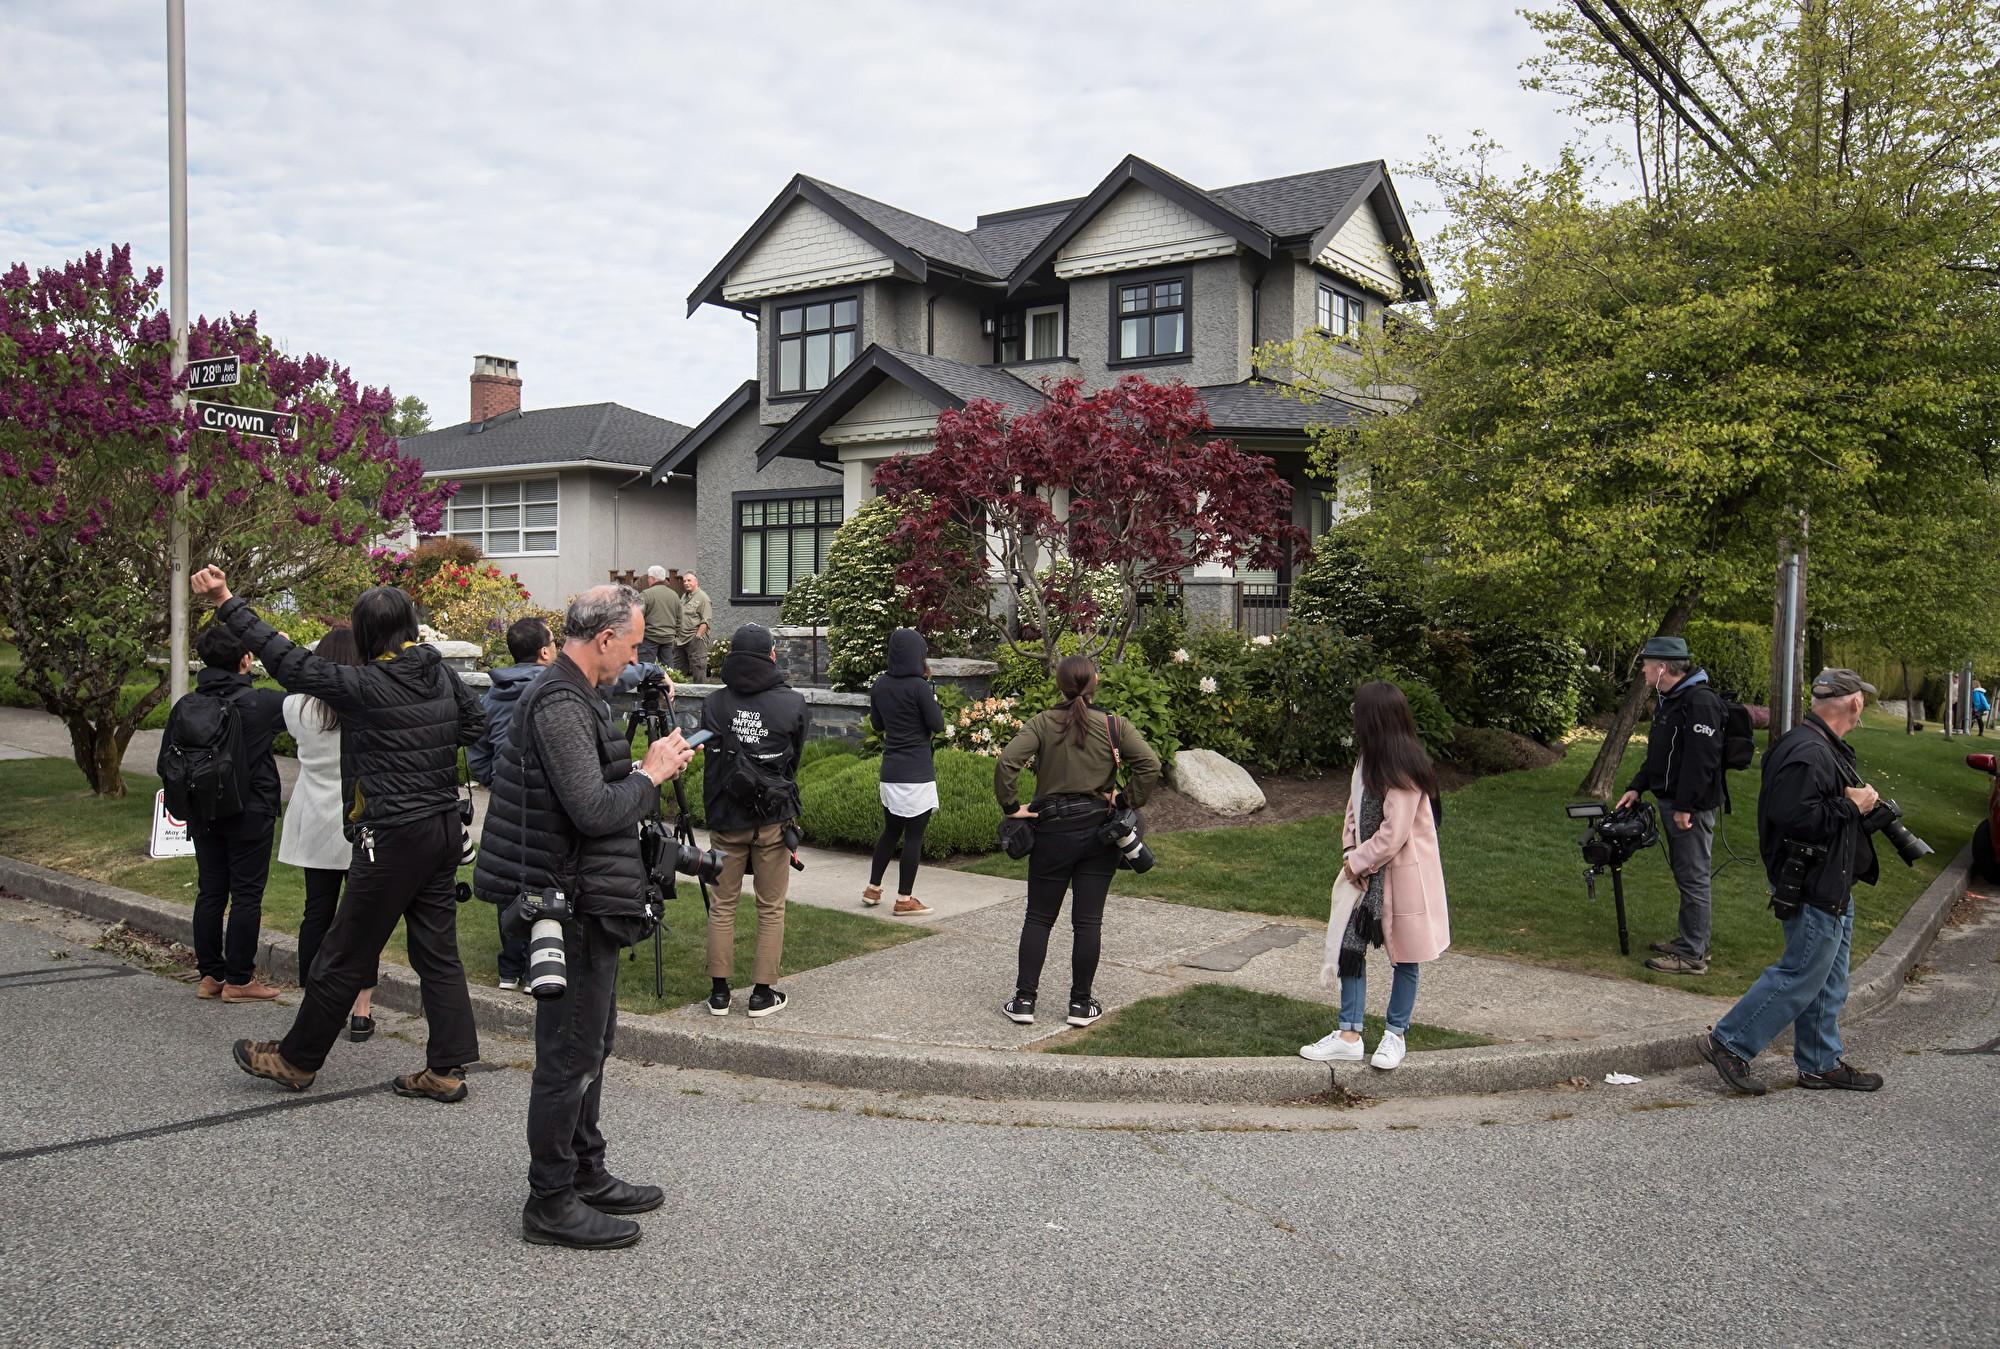 孟晚舟豪宅「入室未遂案」加警方確認3嫌疑人